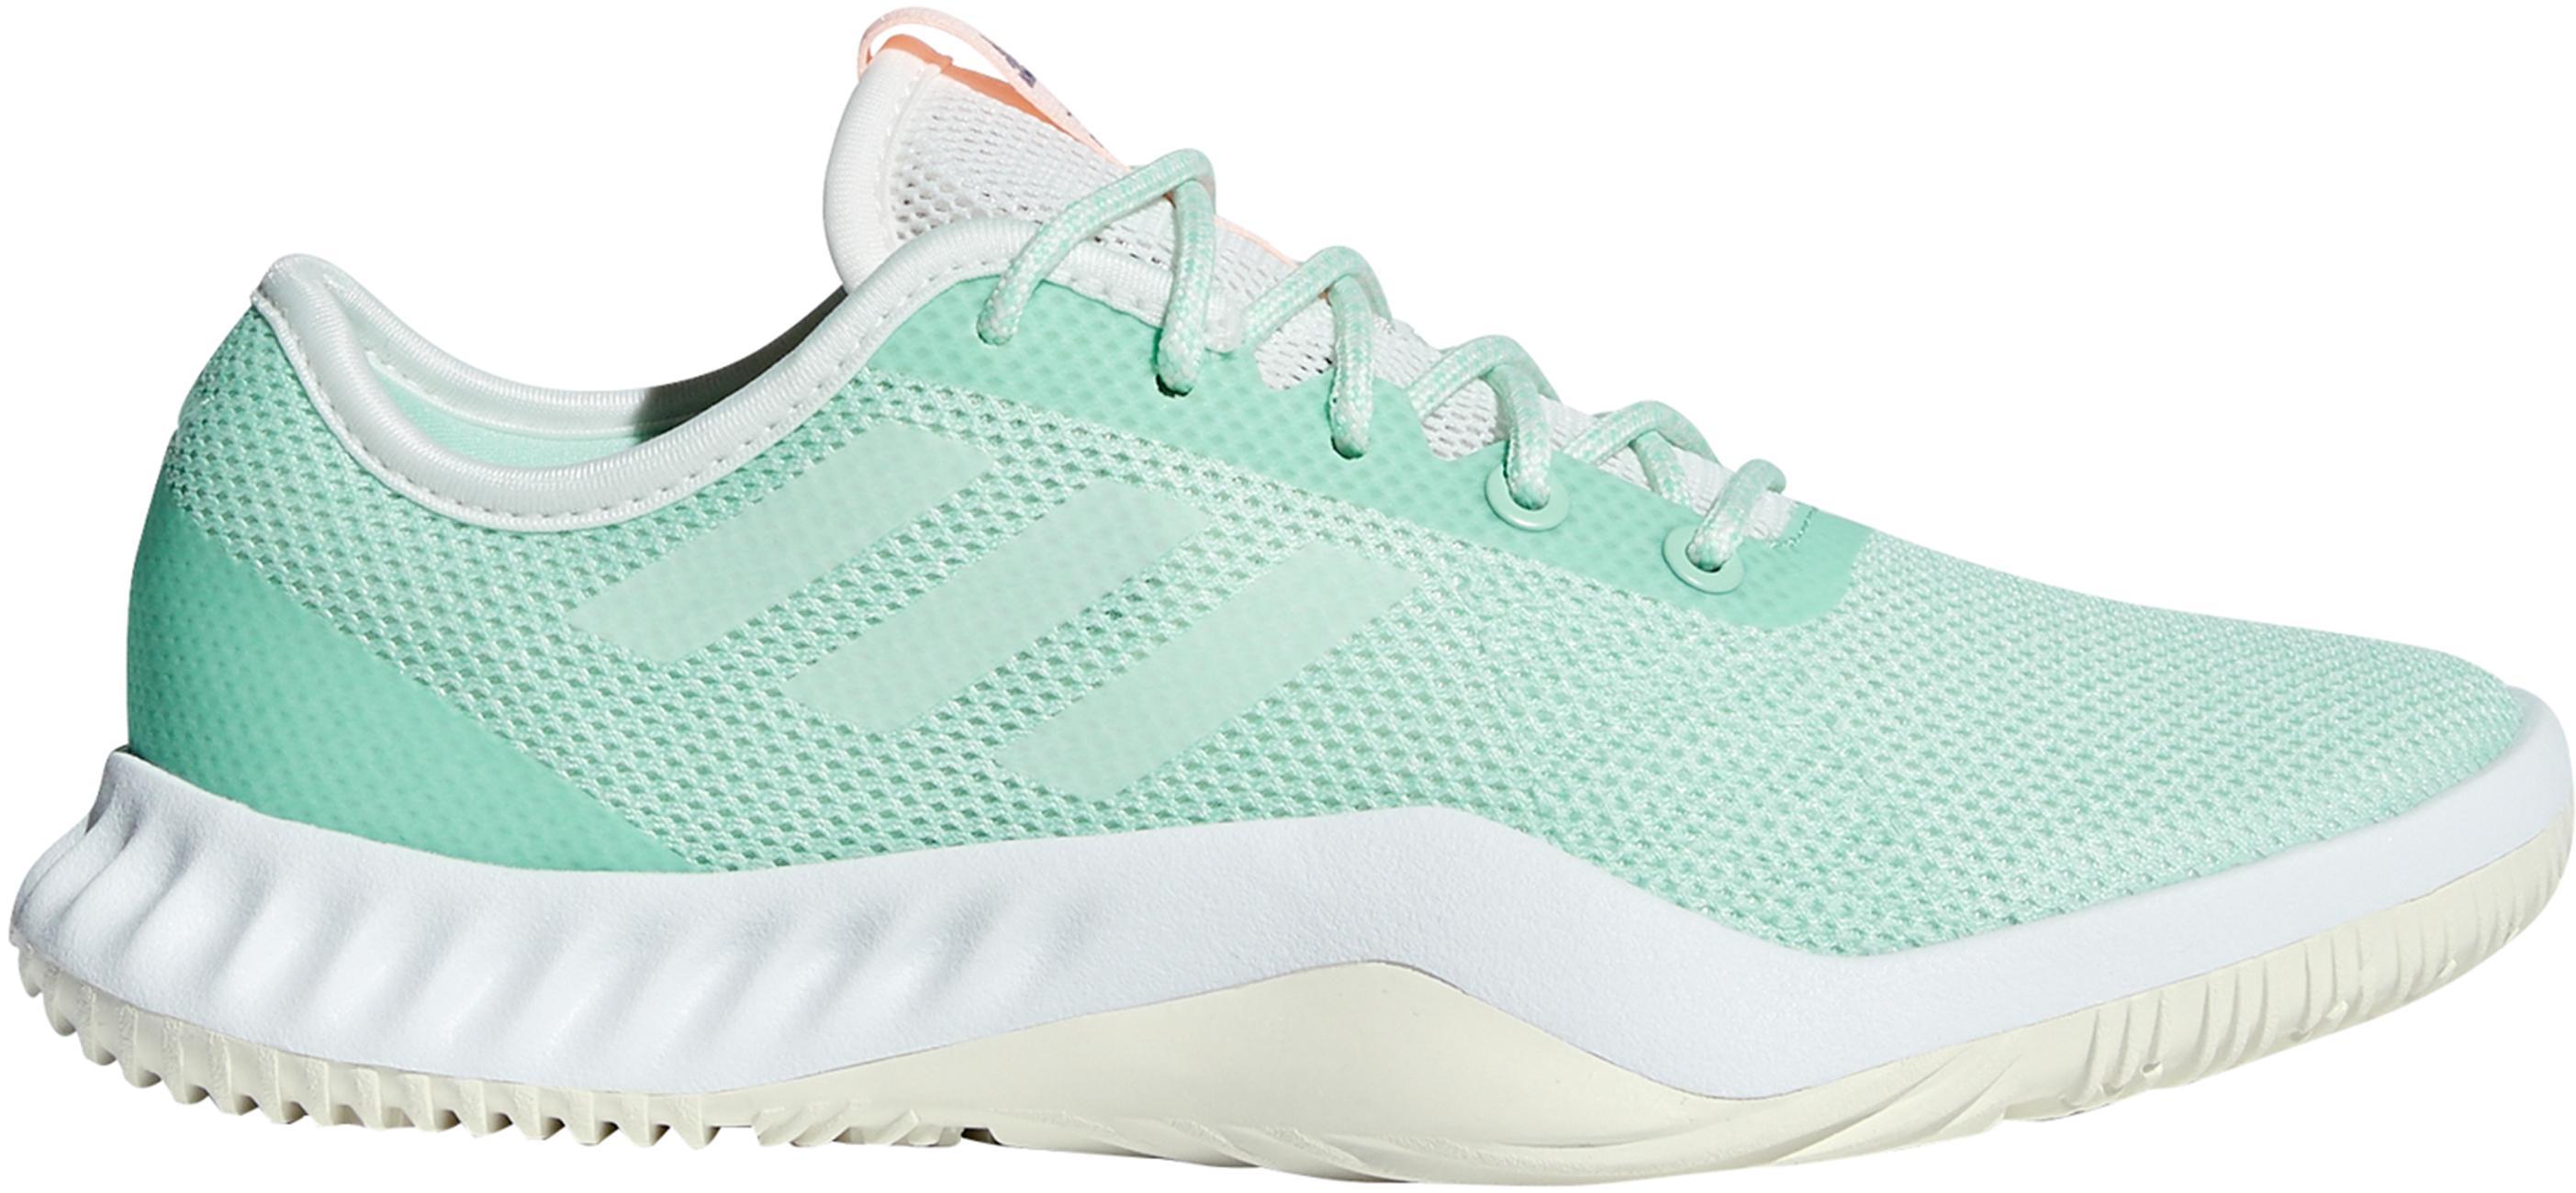 Fitnessschuhe Zu OnlineJetzt 60 Adidas2019Im Sale Bis zSUVqMpG